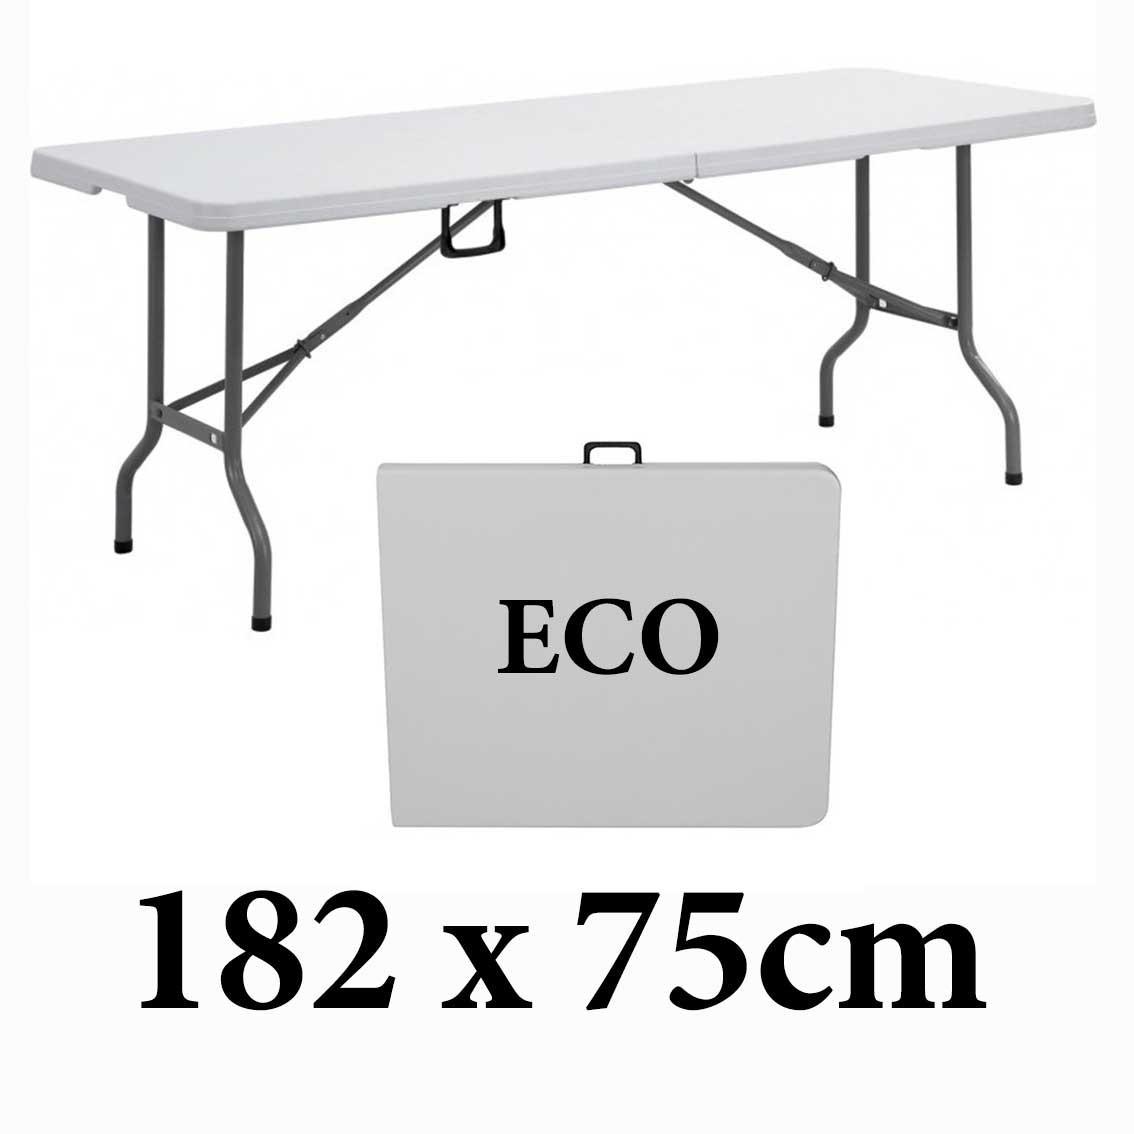 Πτυσσόμενο τραπέζι βαλίτσα Milano ECO 182